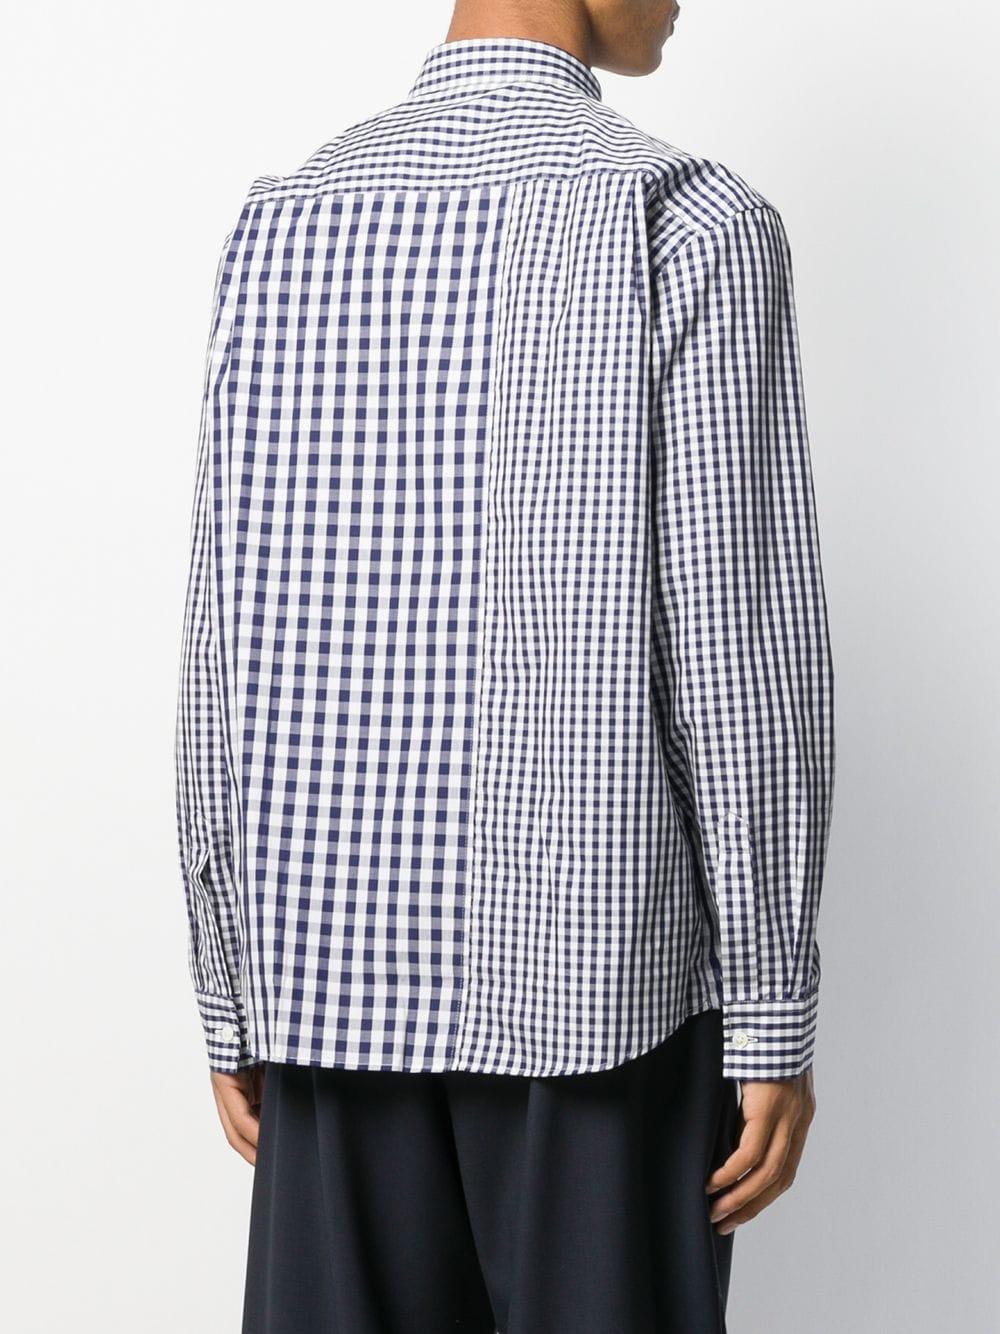 JW Anderson Katoen Geruit Overhemd in het Blauw voor heren